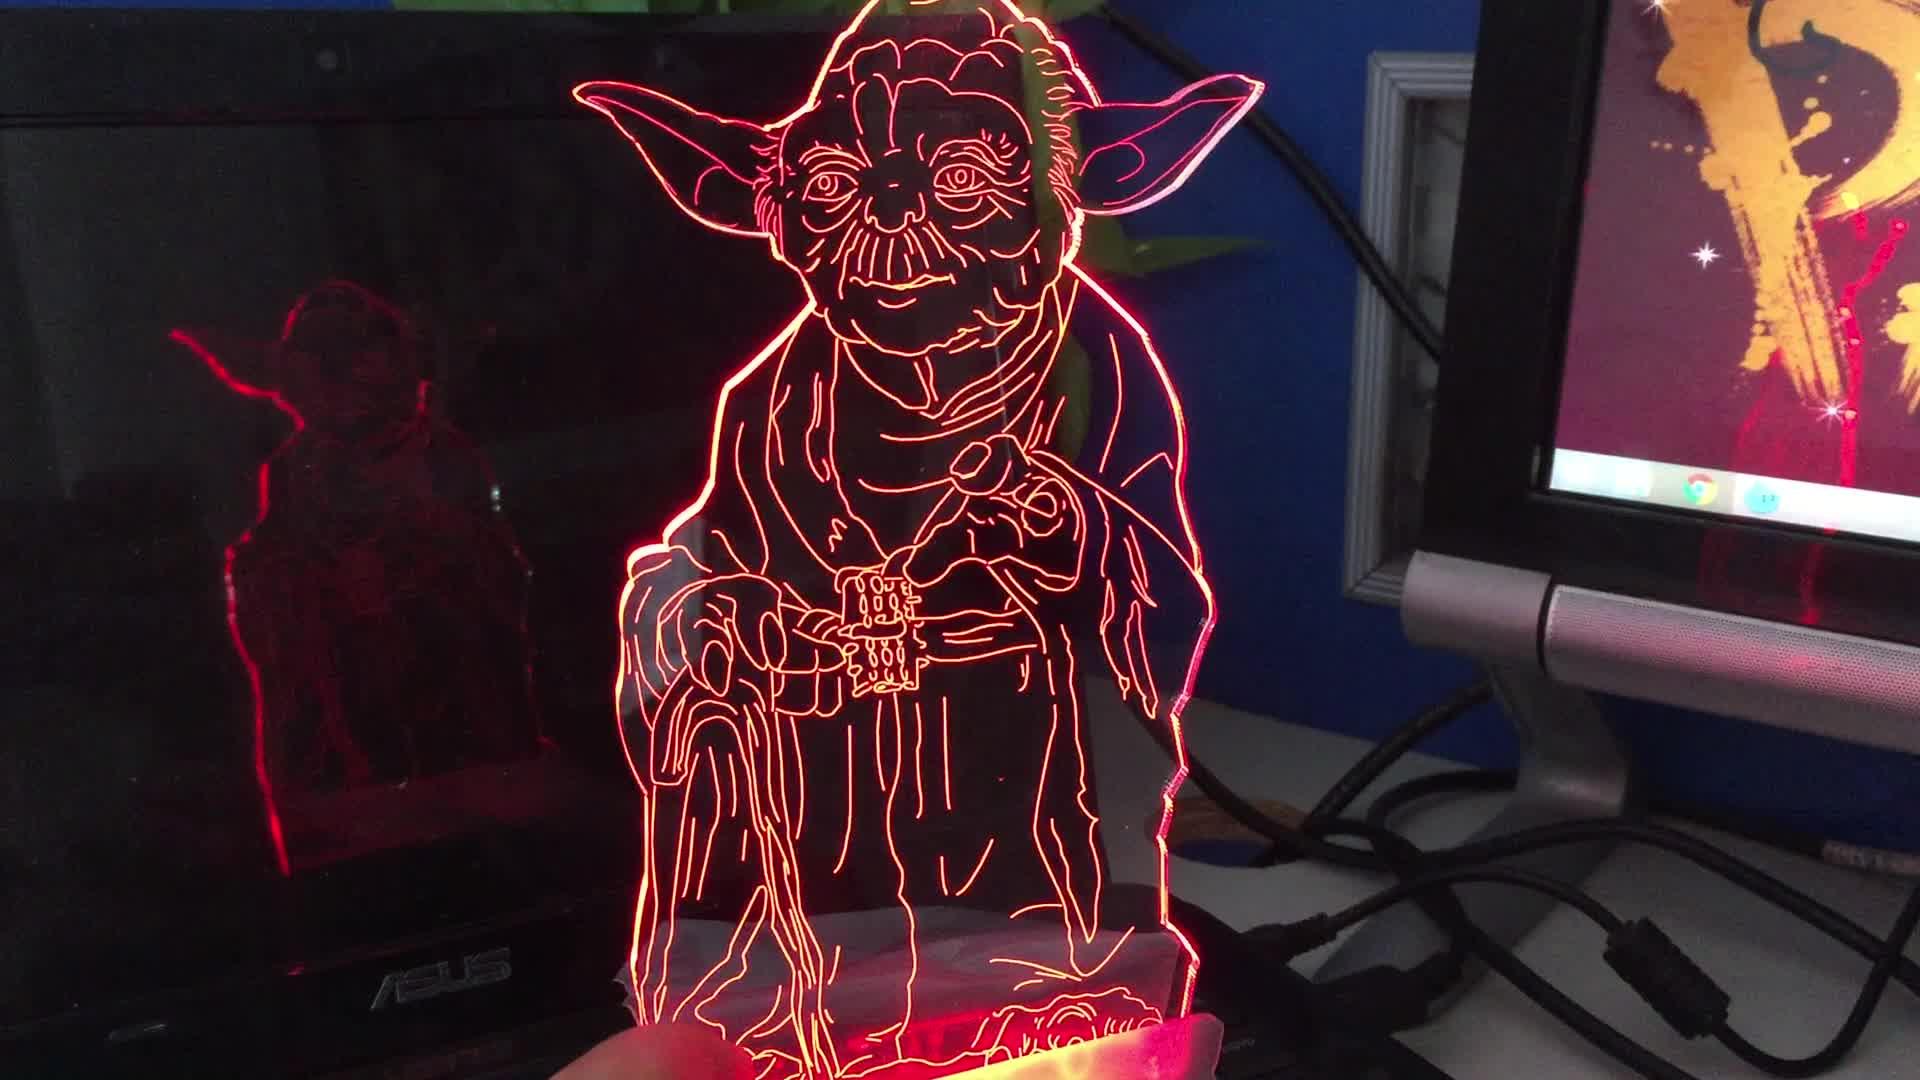 驚異ヒーロービルディングブロック動物ビジョン 3D 夜の光、 10 超高輝度 Led ライトランプ、 3D ナイトライトベビー 16 LED 色リモート